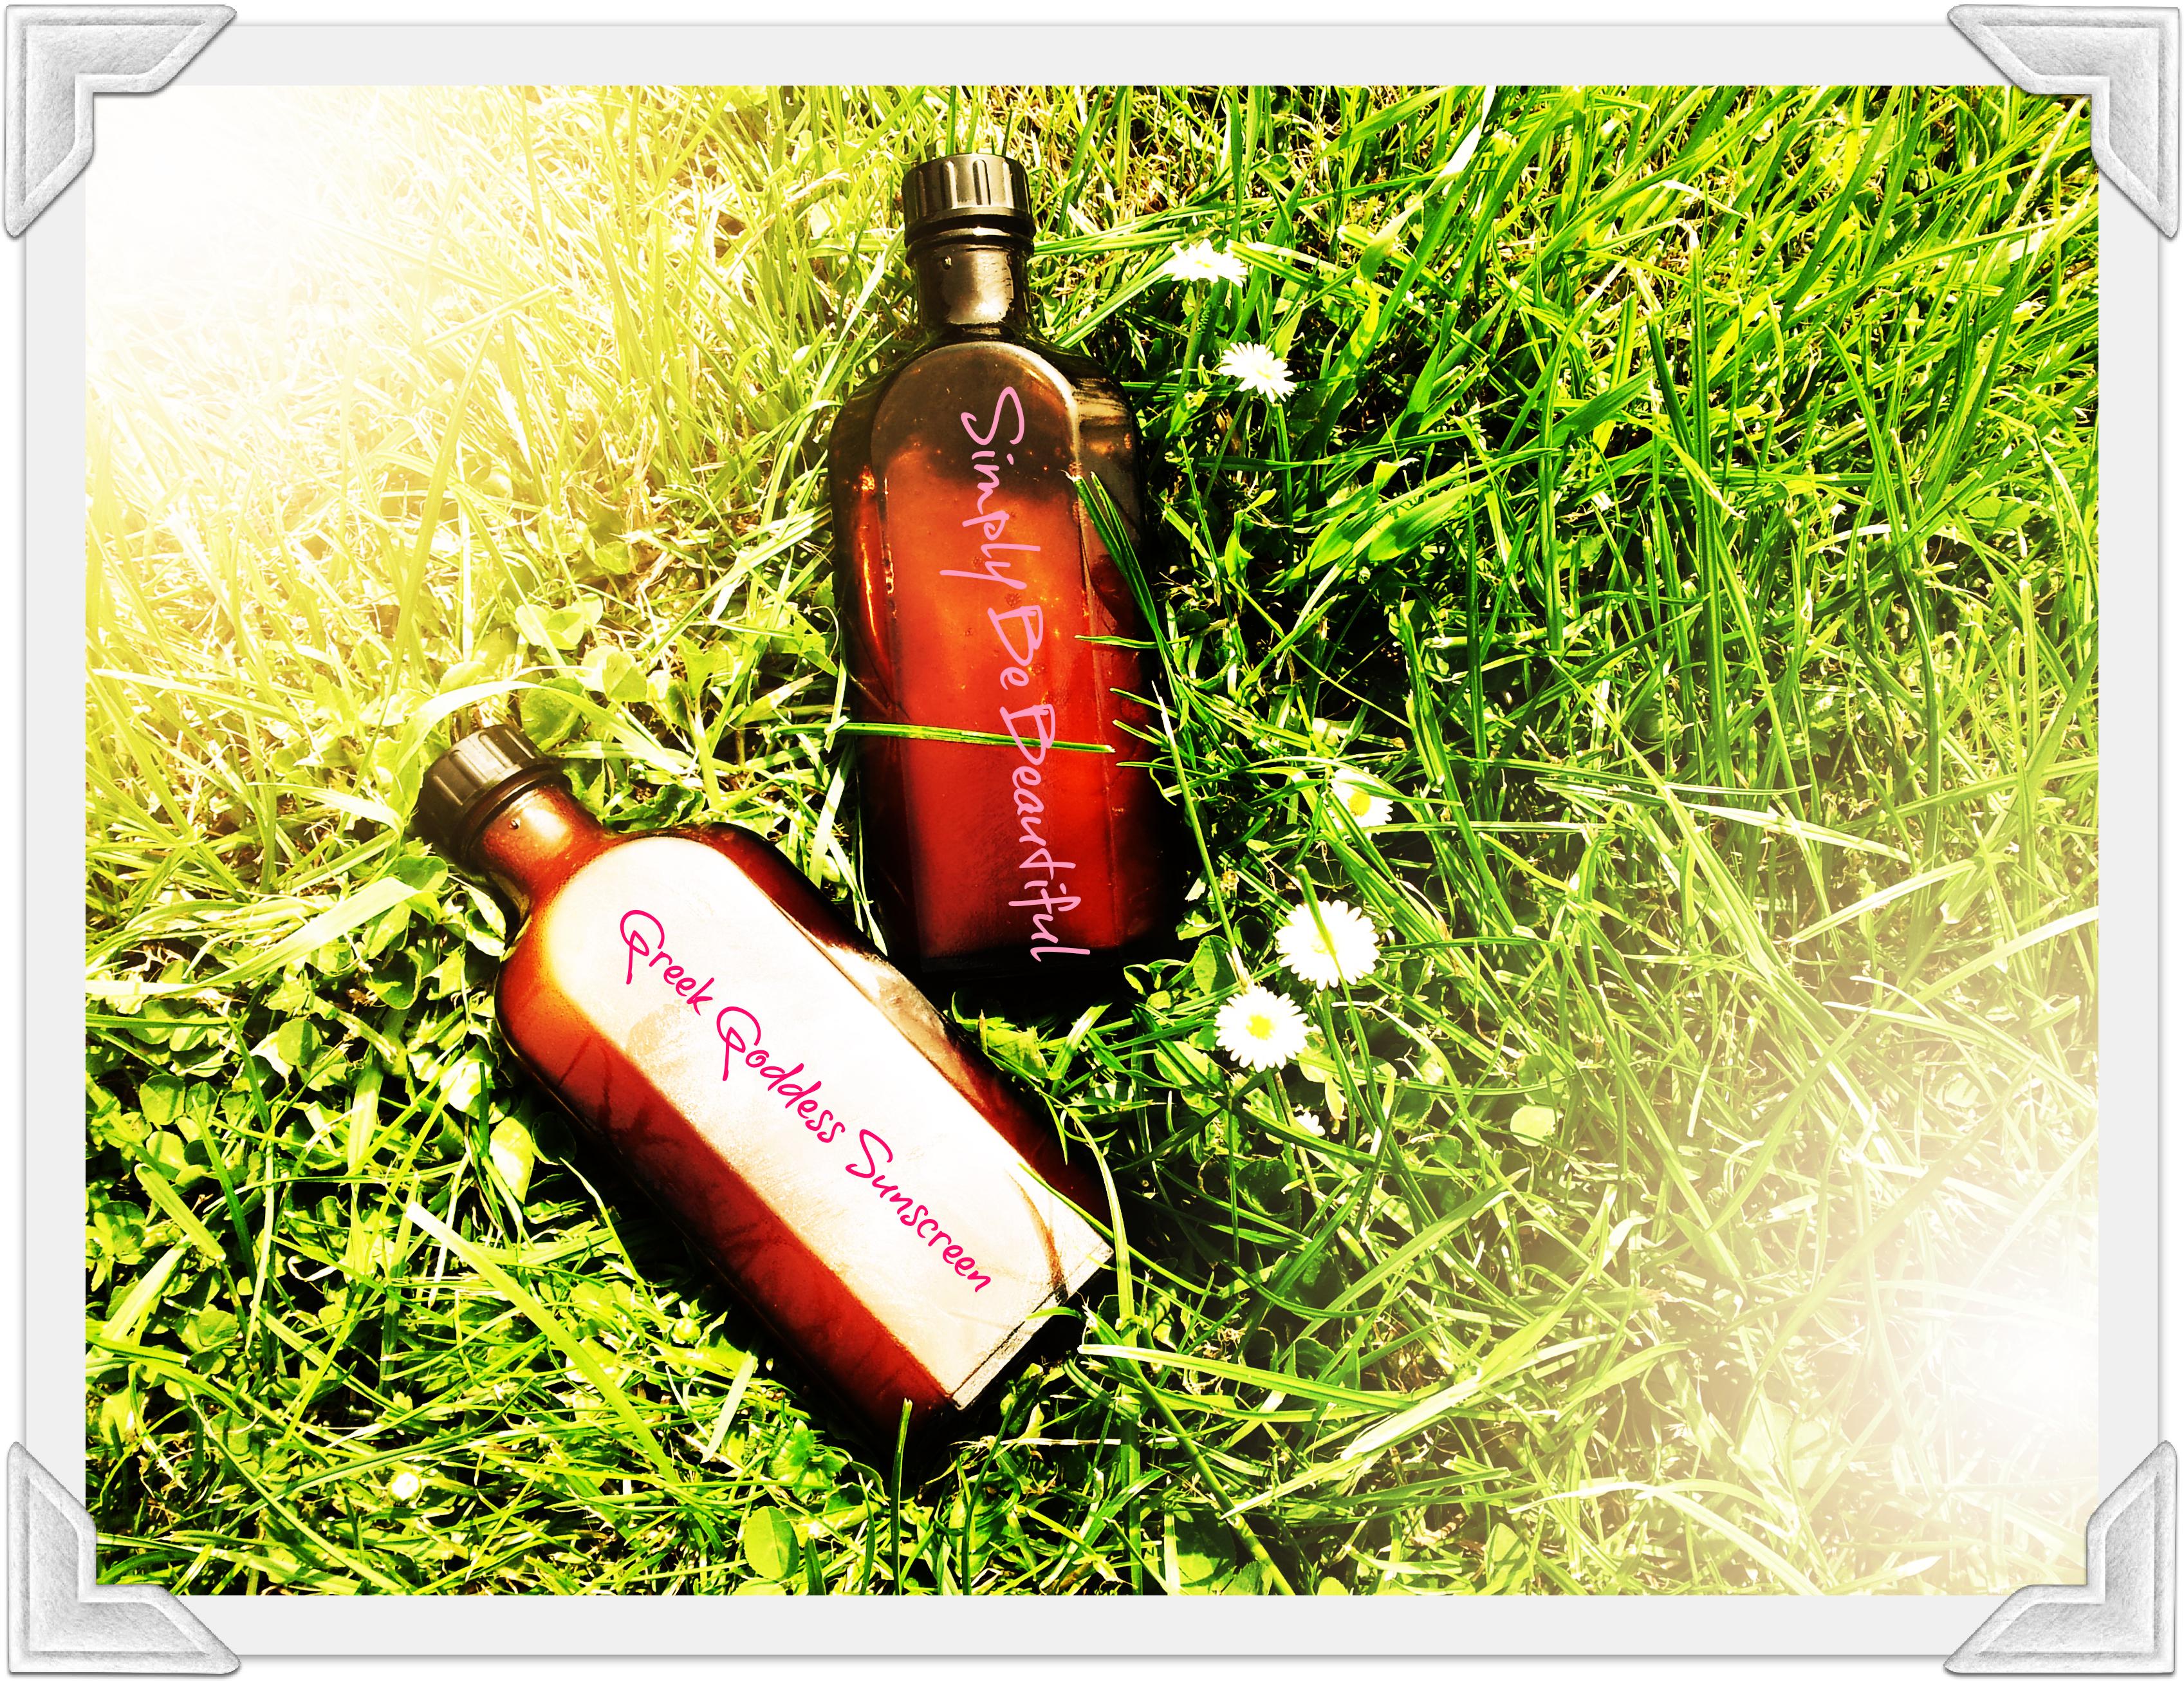 Natürlicher Sonnenschutz - Quelle: http://www.simplylivebetter.de/selbstgemachtes-sonnenol-mit-prinzessinnenfaktor-samtweich-bronzebraun-durch-den-sommer/